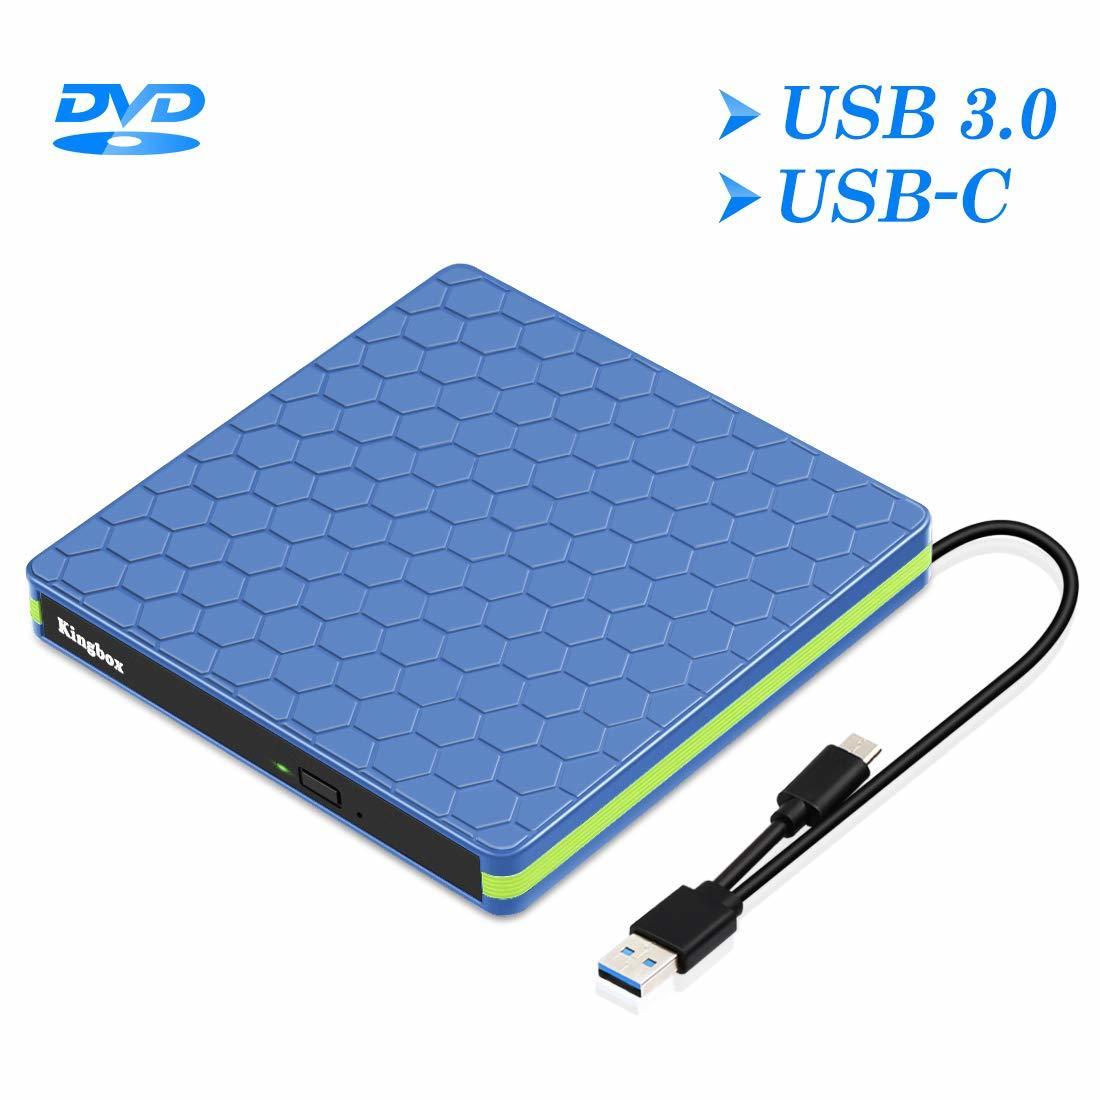 【作業効率化!】21C【2019最新型】USB3.0 外付け DVD ドライブ DVD プレーヤー USB ポータブルドライブ USB3.0 Type-C 薄型